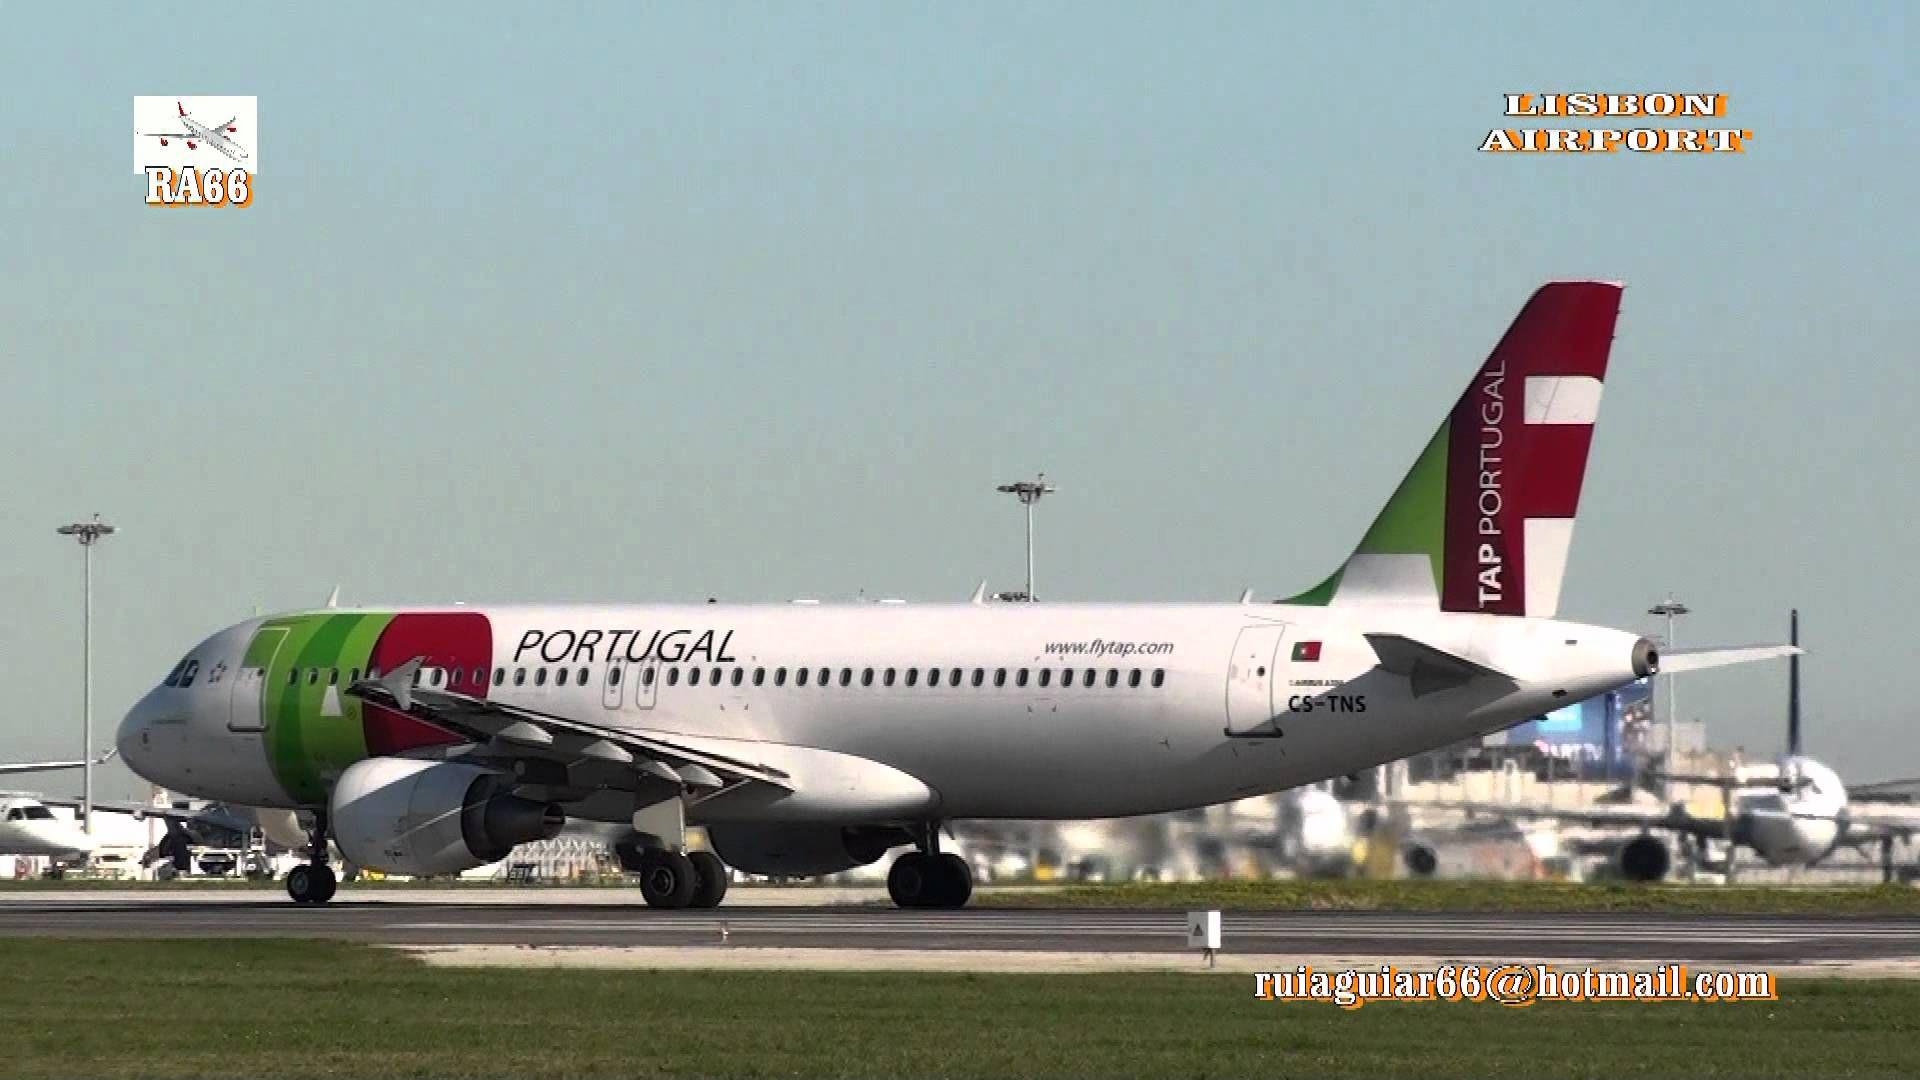 Aeroporto de Lisboa Portela Flughafen Lissabon Aéroport de